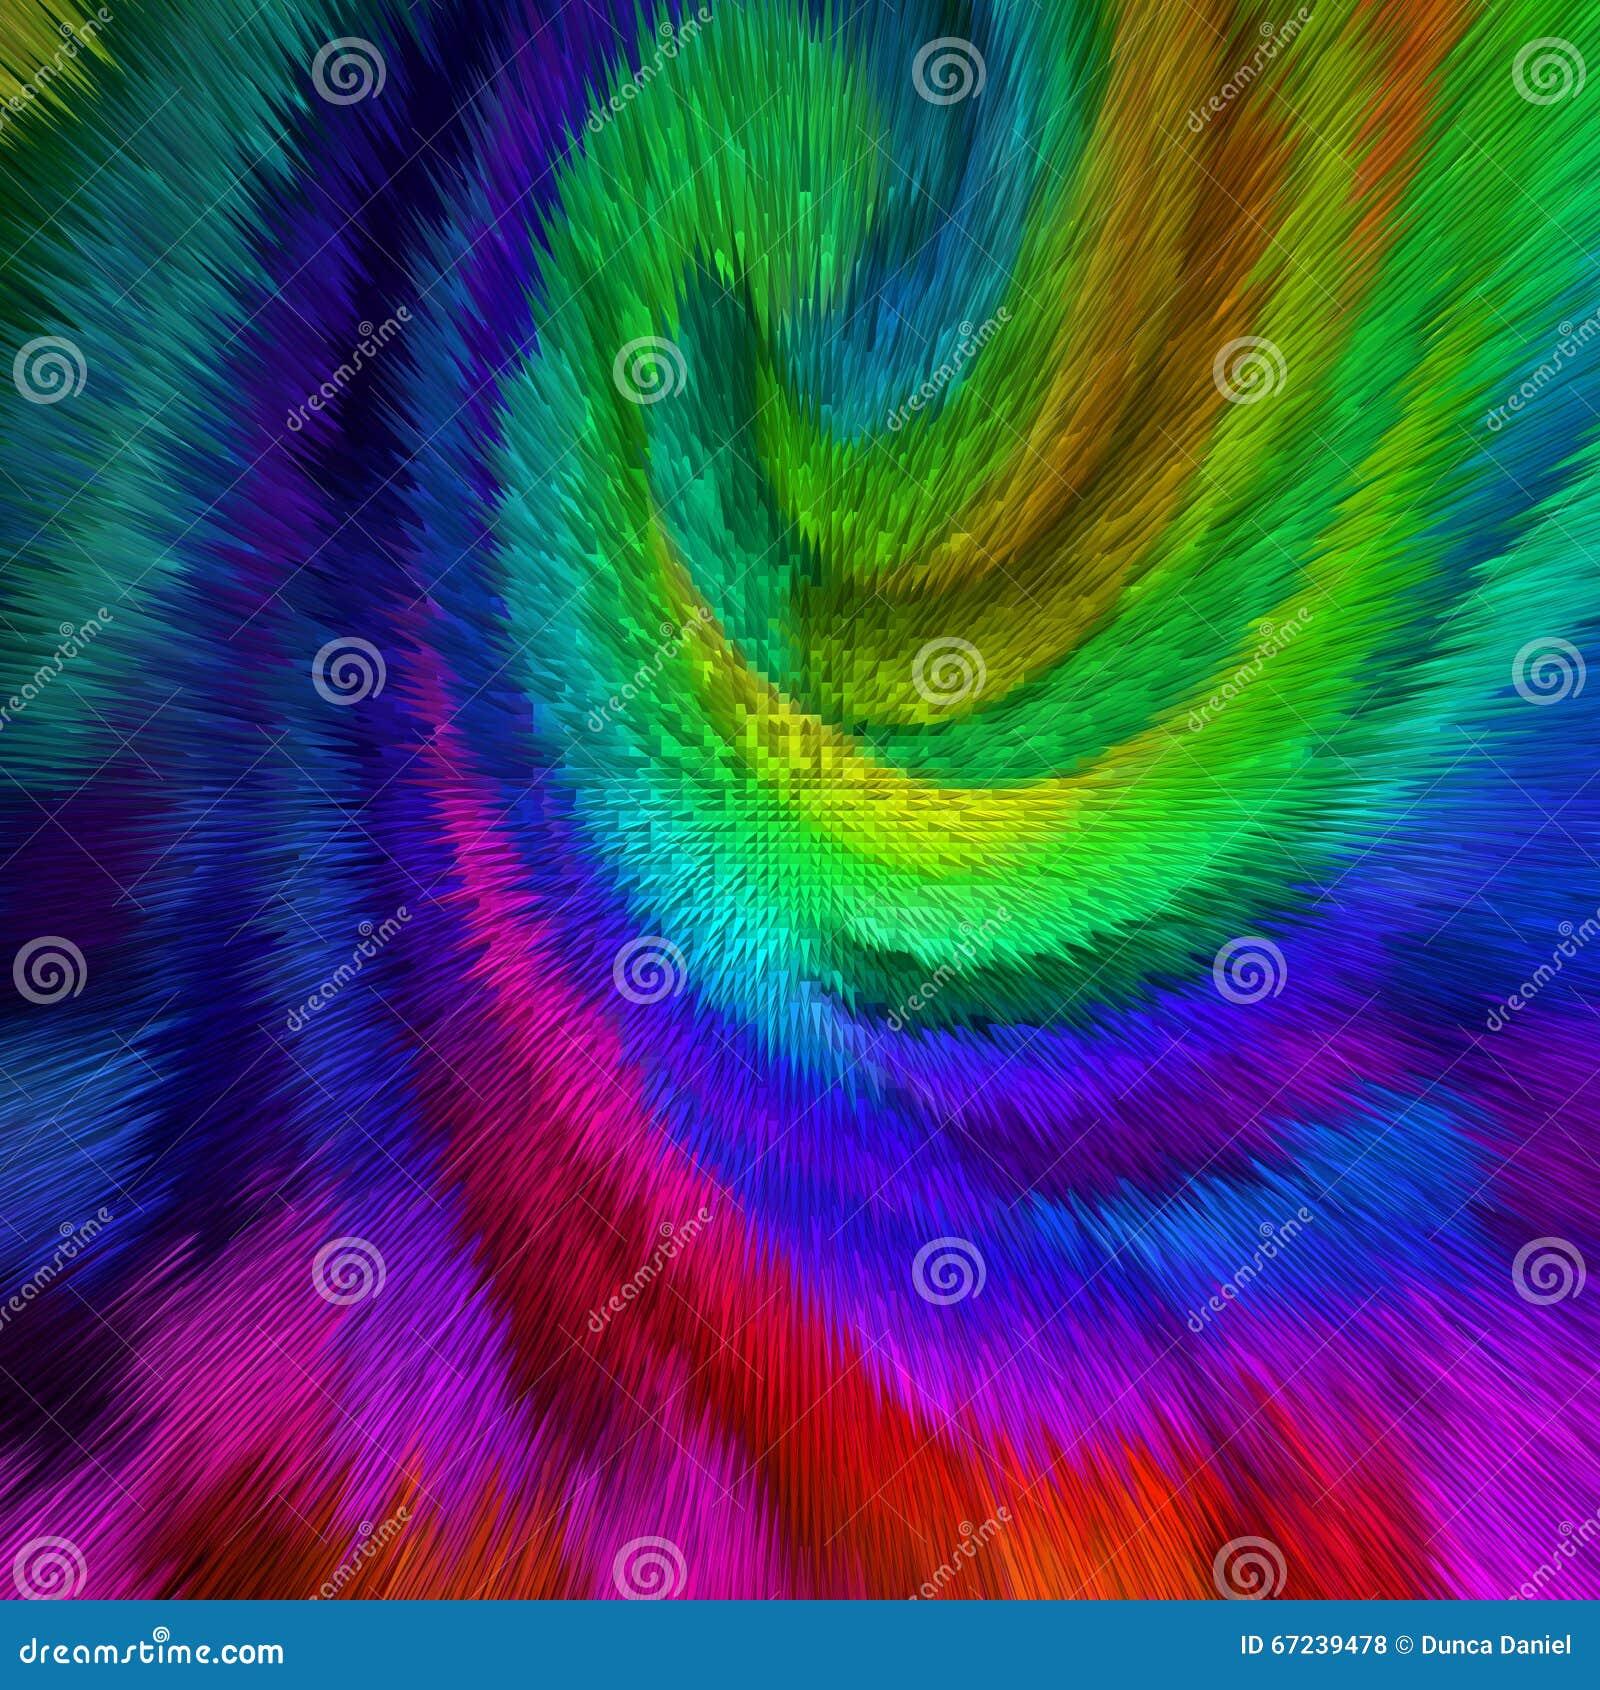 Fondo abstracto de colores vivos stock de ilustraci n for Marmol translucido de colores vivos